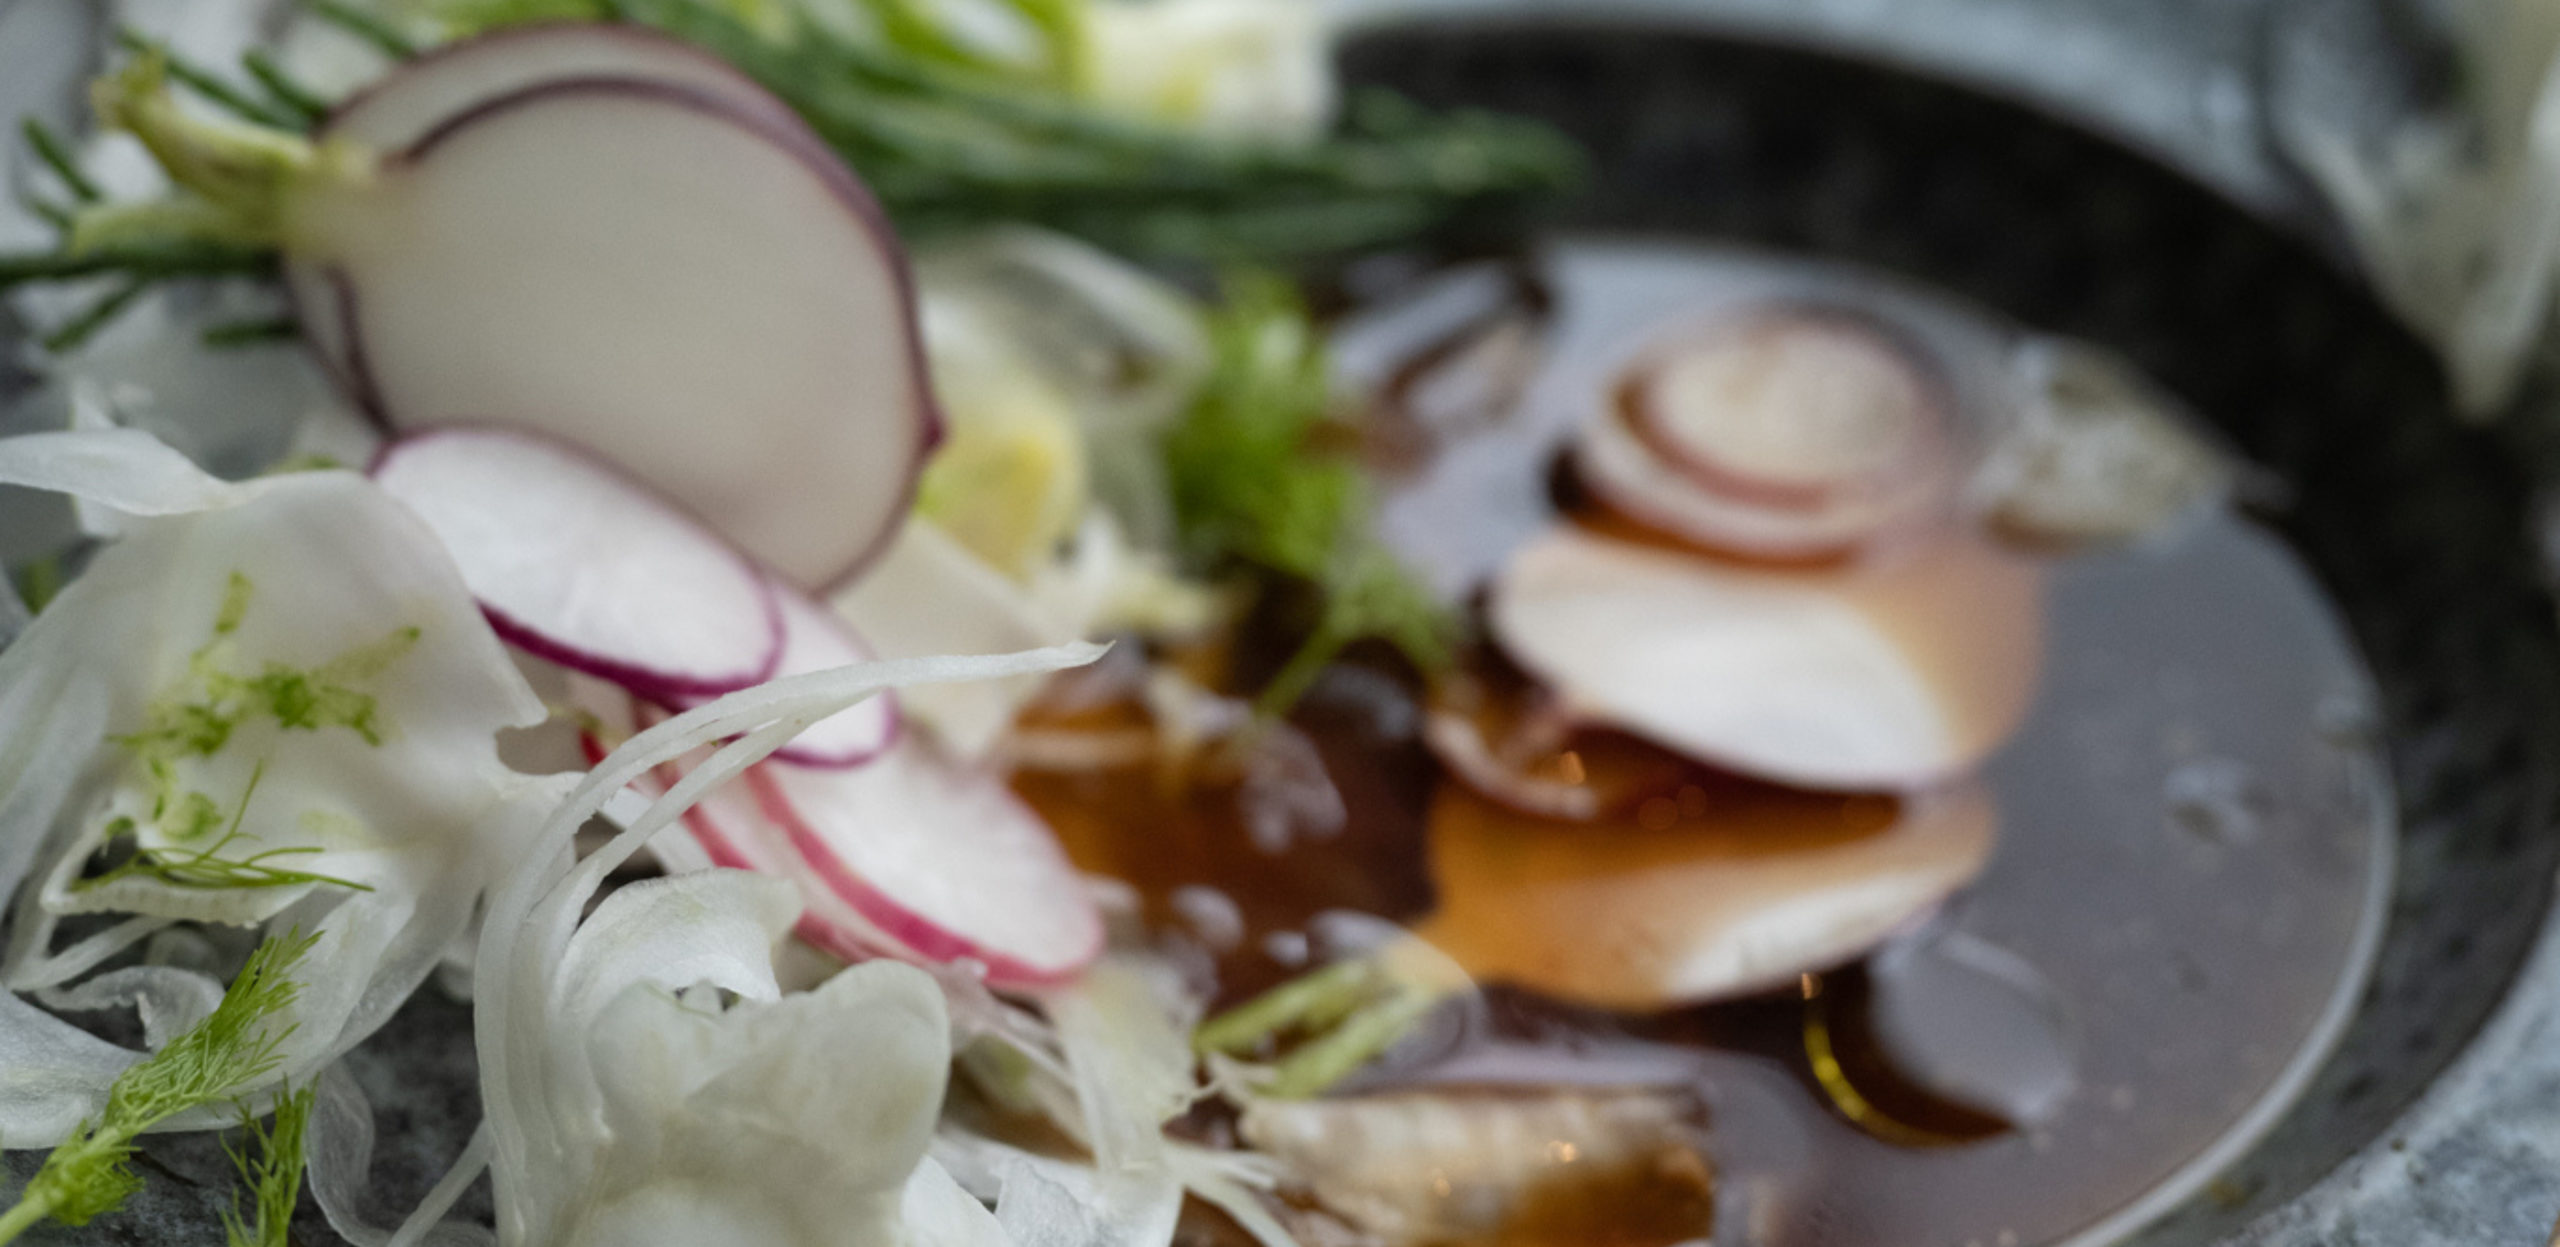 De Toren Délicate Features Versatile Food Pairing Possibilities